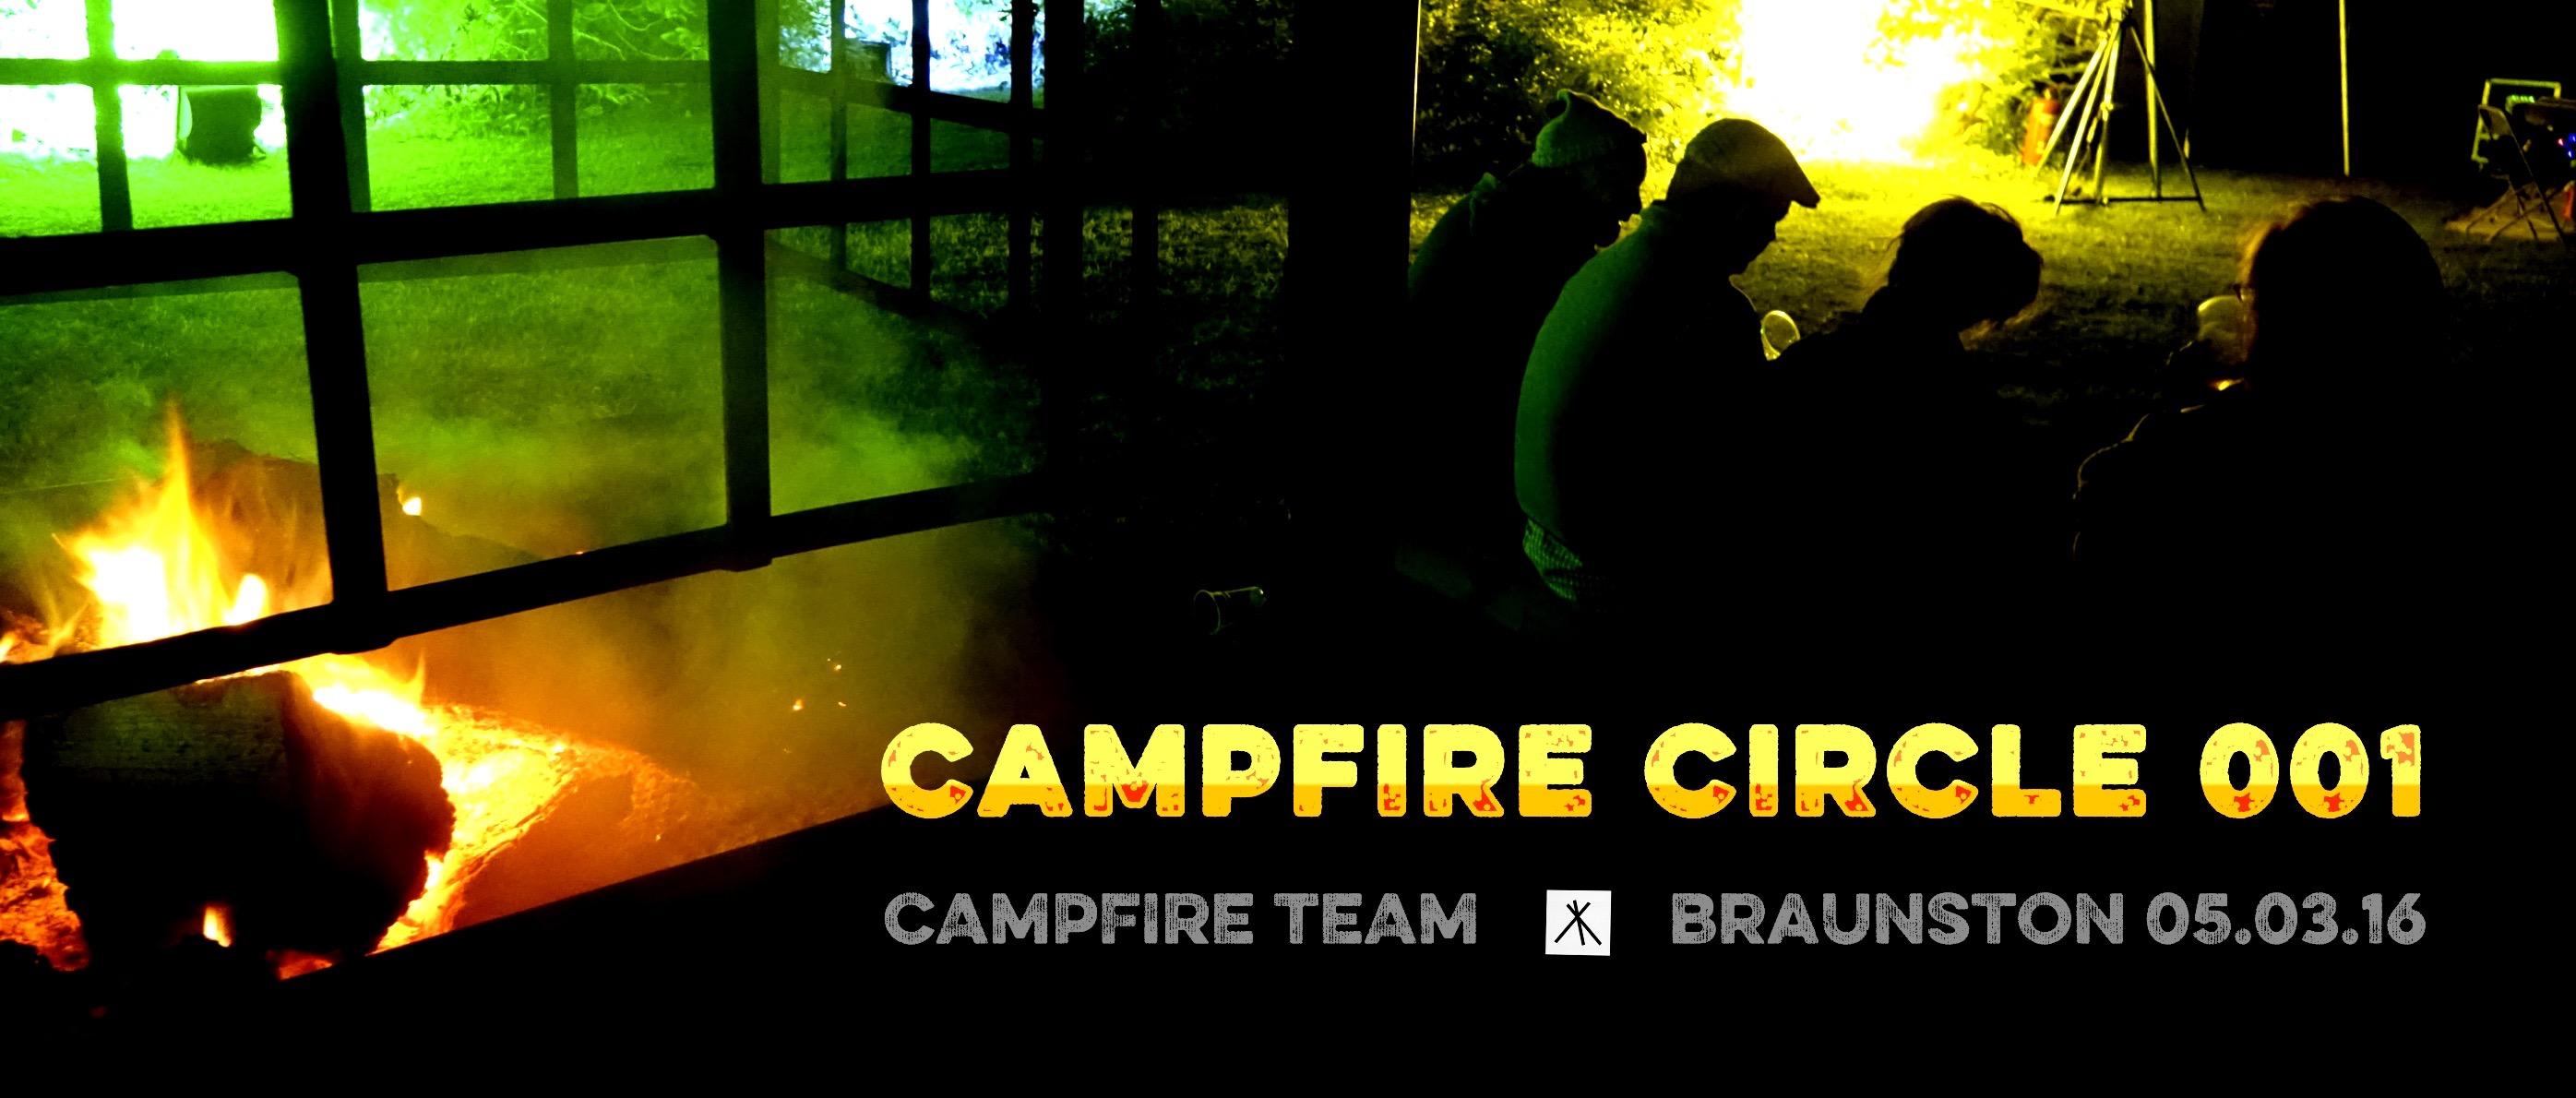 campfire_circle_001.jpg